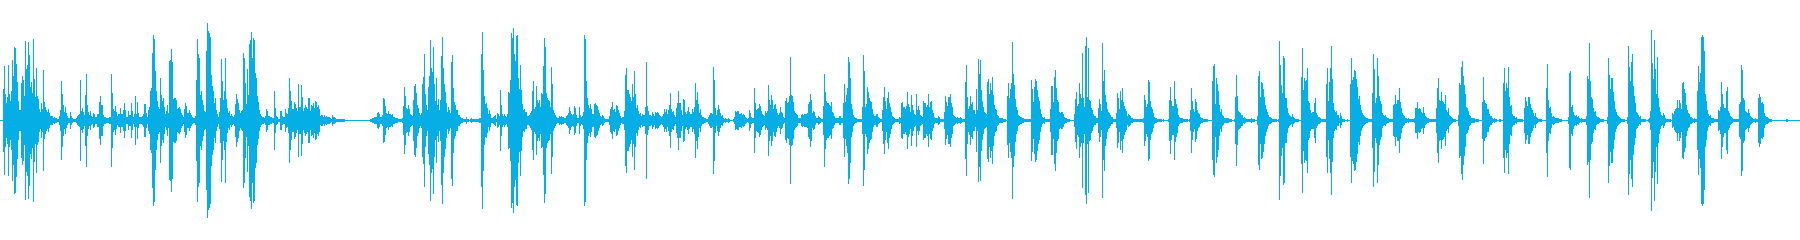 金属ガラガラフェンスシェイク定数の再生済みの波形